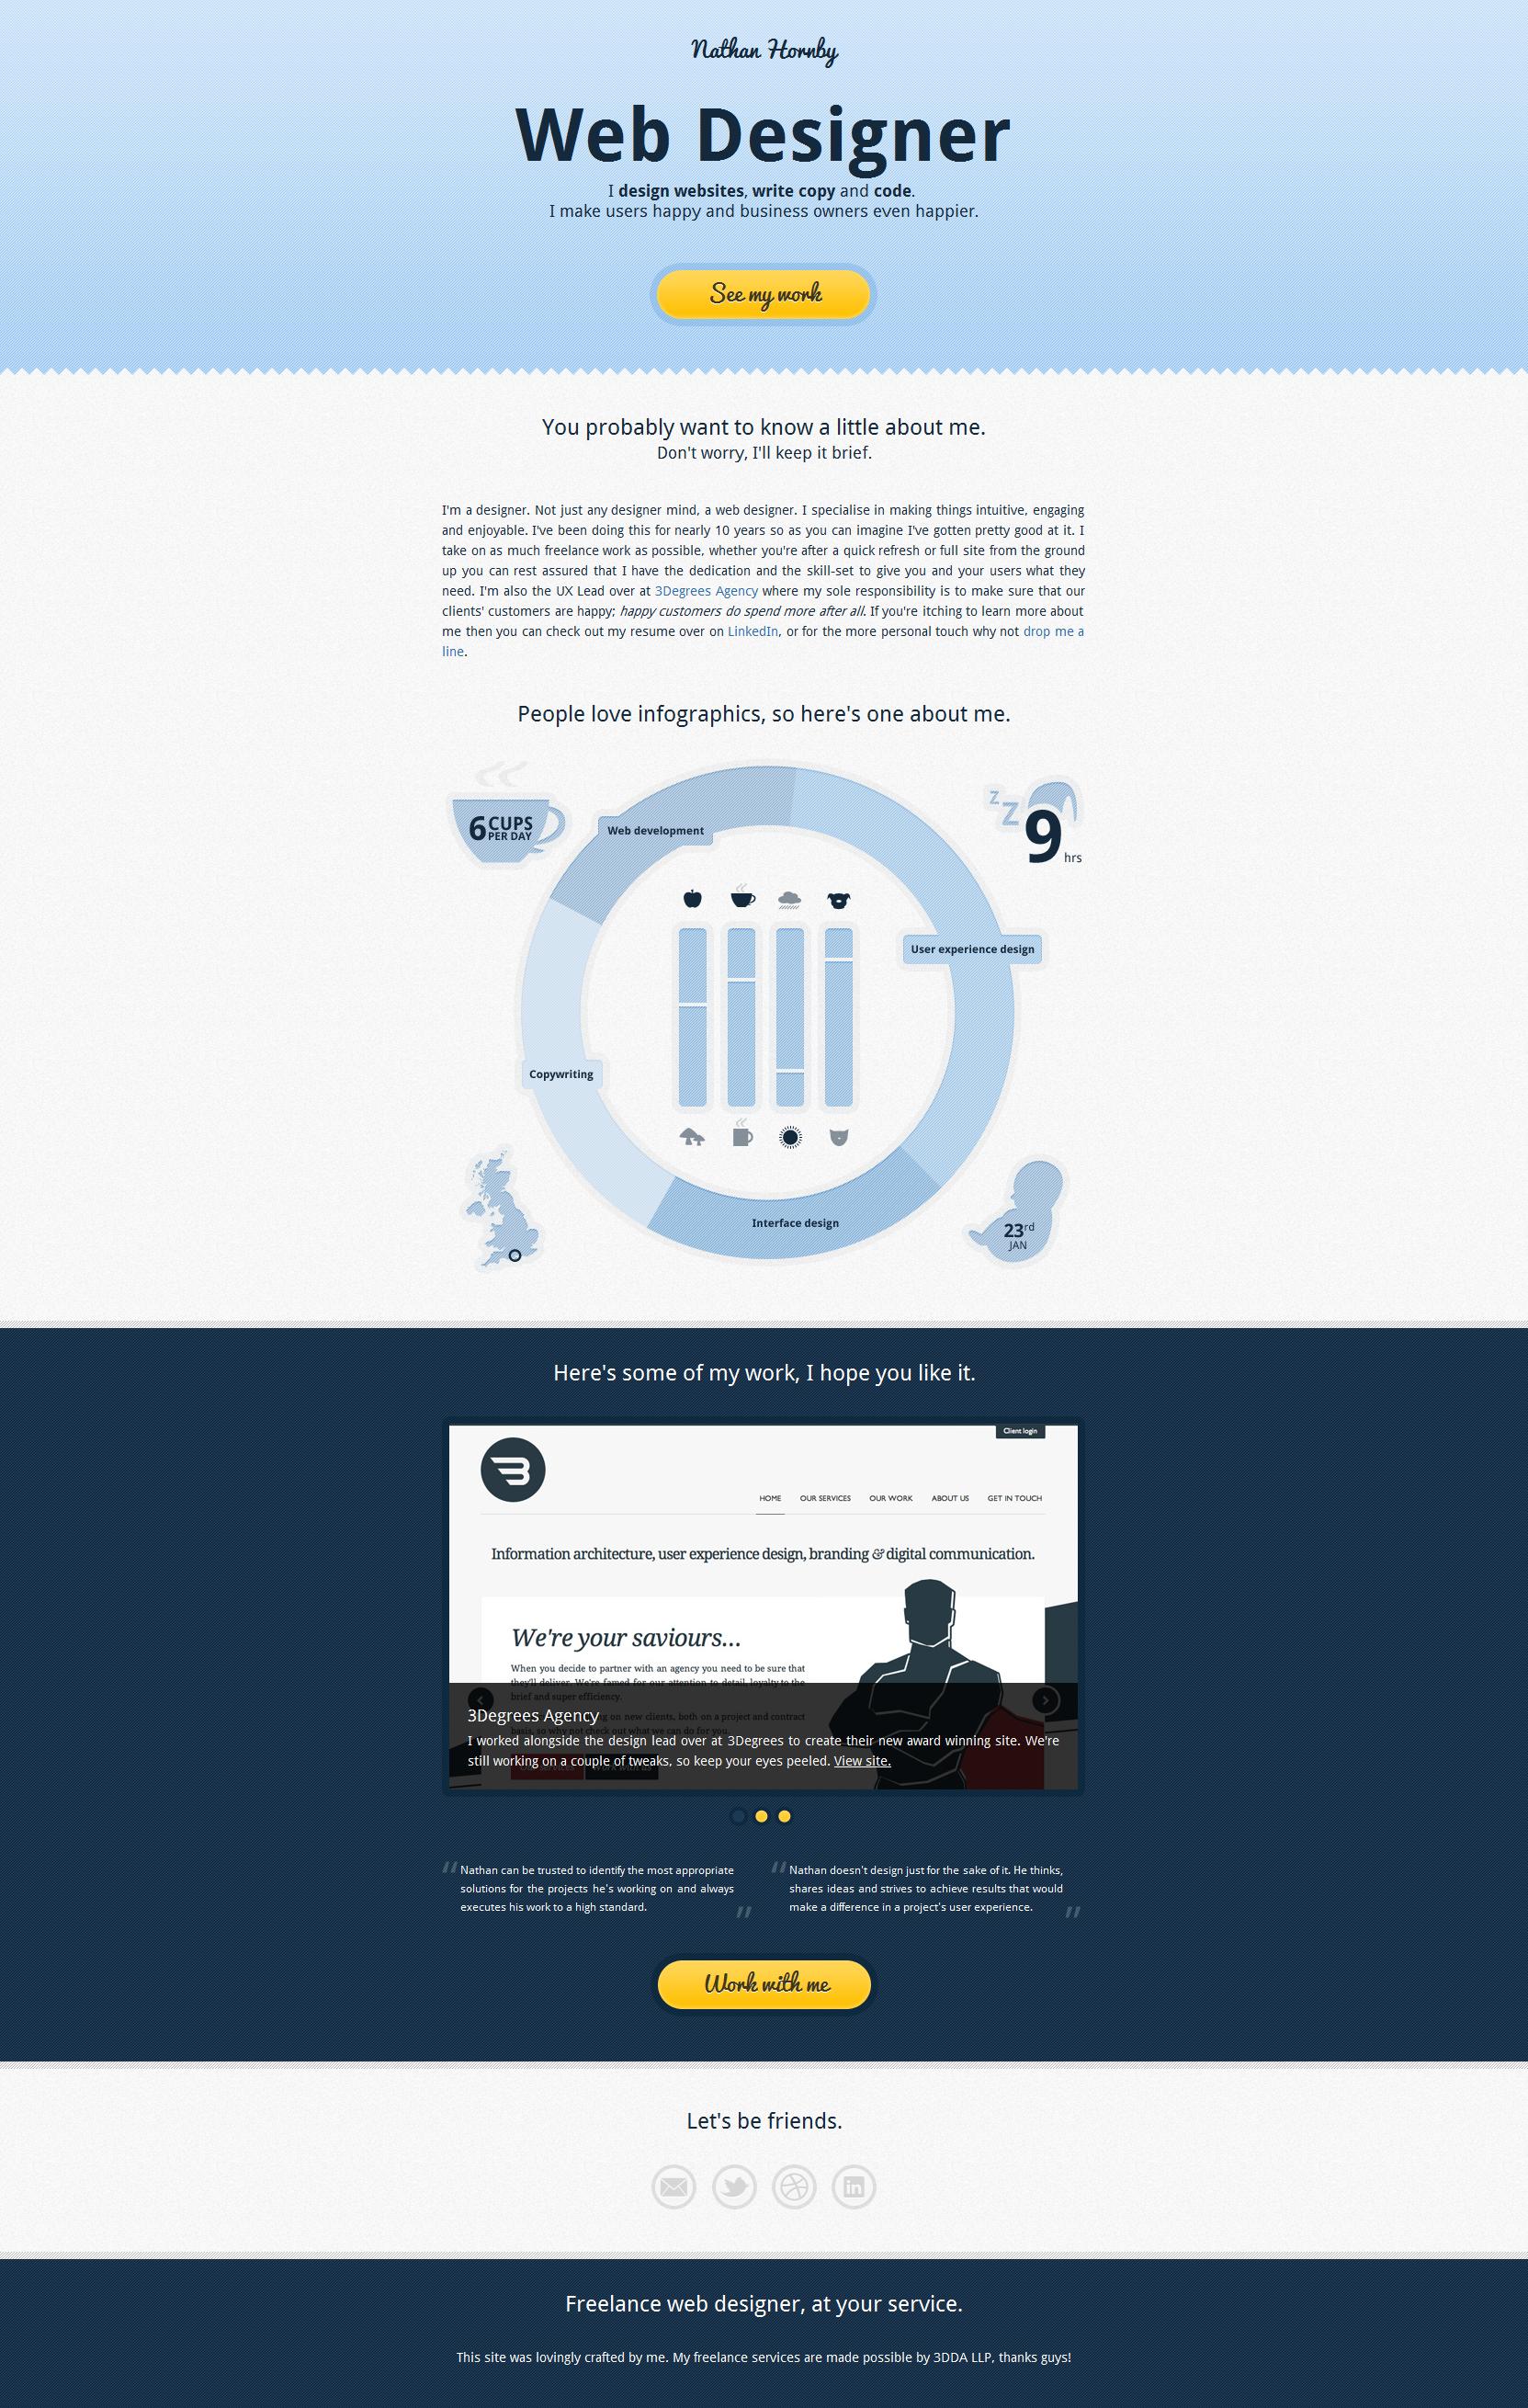 Nathan Hornby Website Screenshot